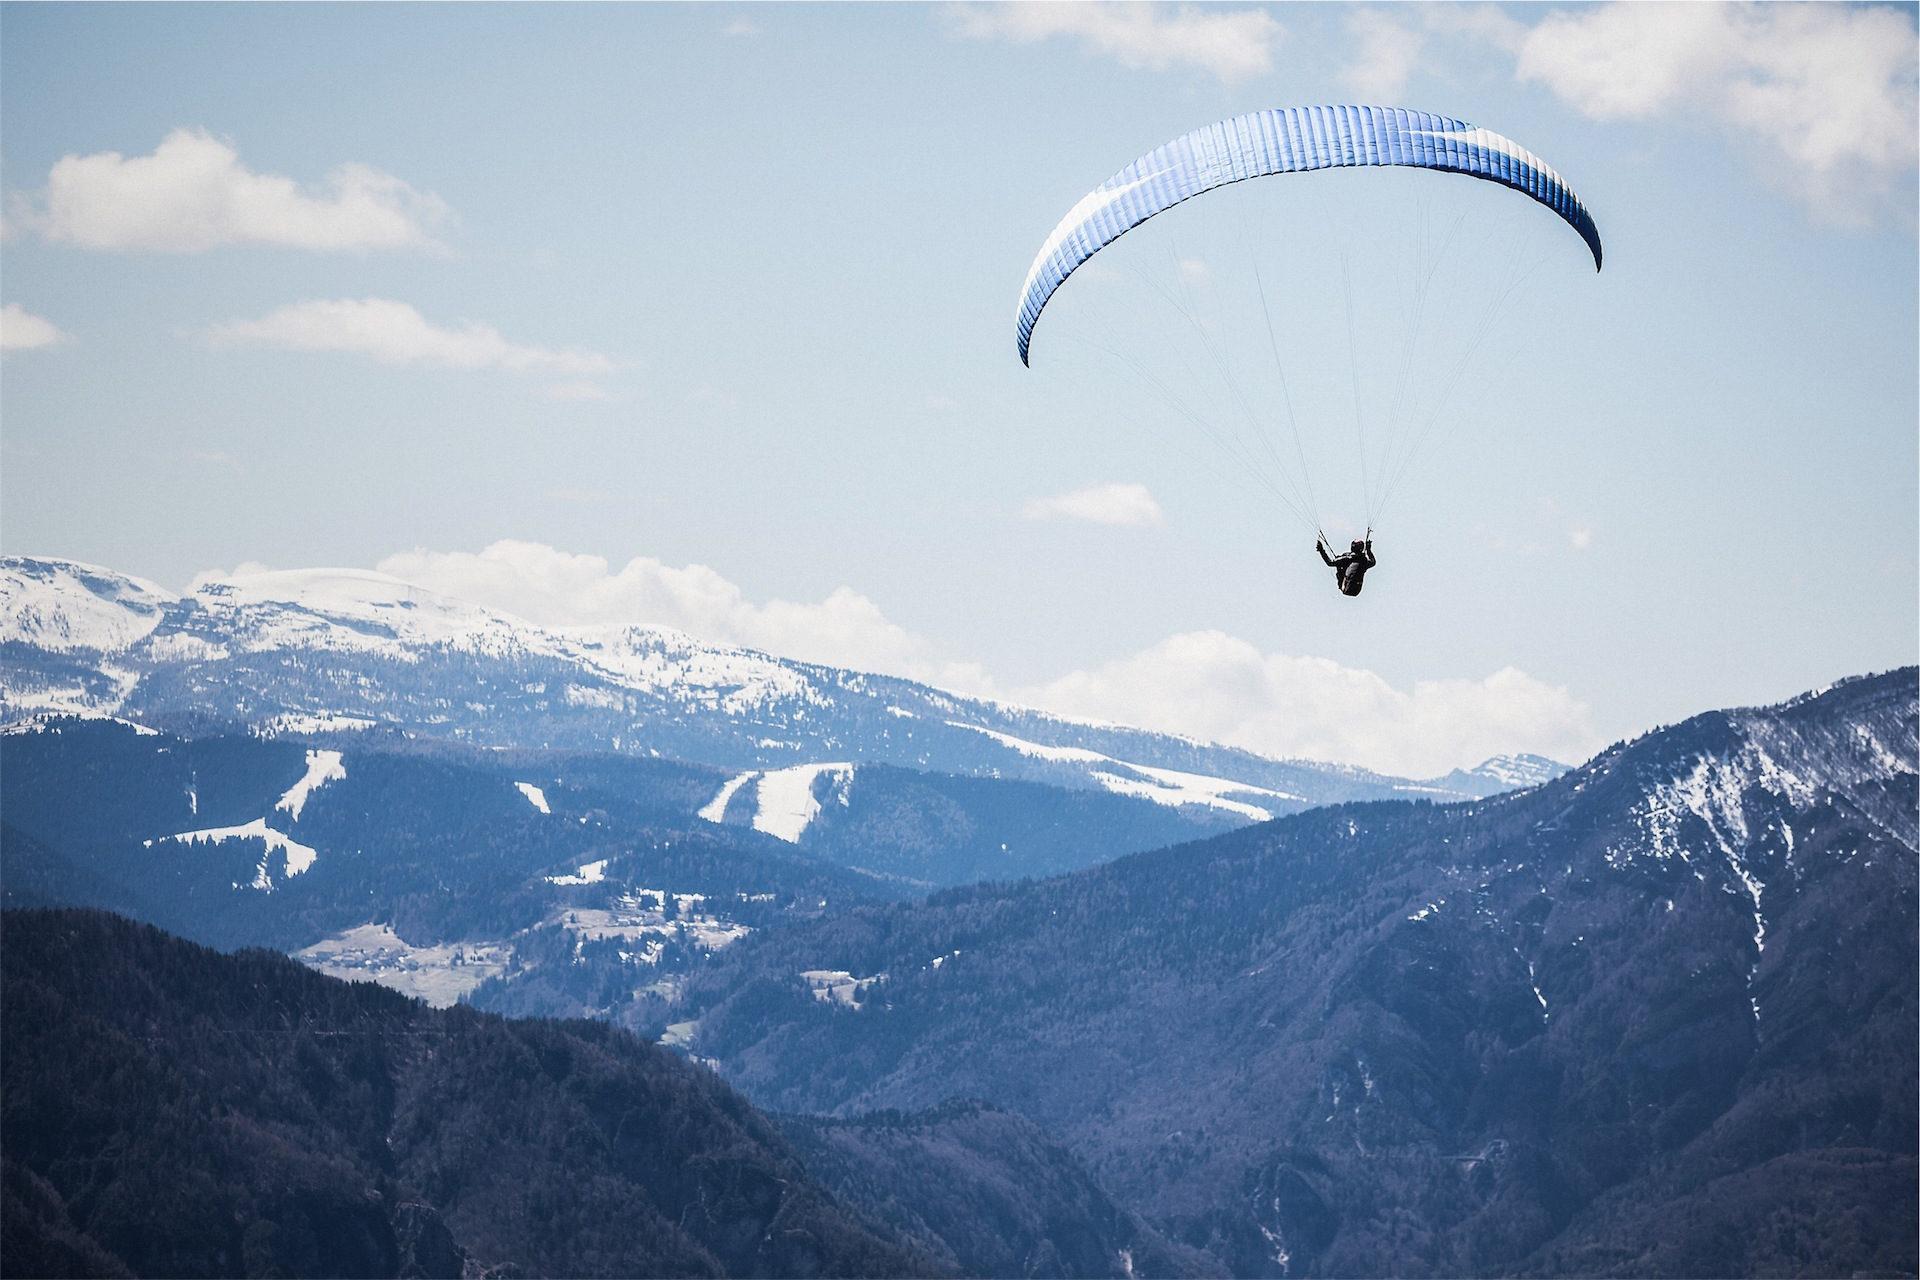 Paracadutismo, paracadute, volare, montagne, Cielo - Sfondi HD - Professor-falken.com